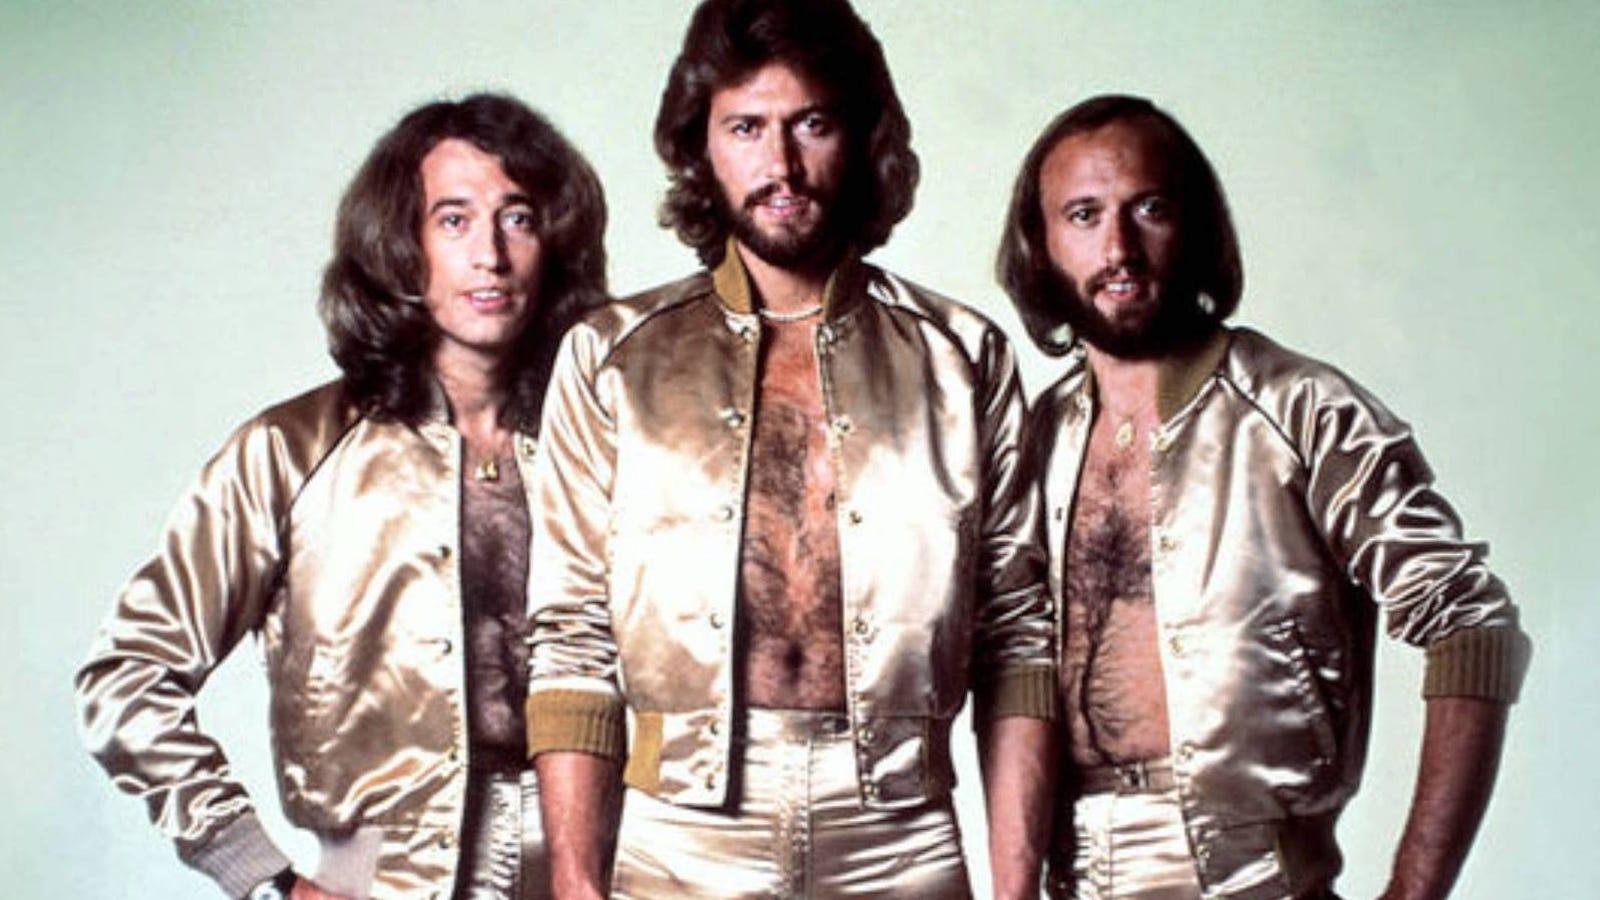 Por qué Stayin' Alive de los Bee Gees puede salvar vidas (y Bon Jovi probablemente también)